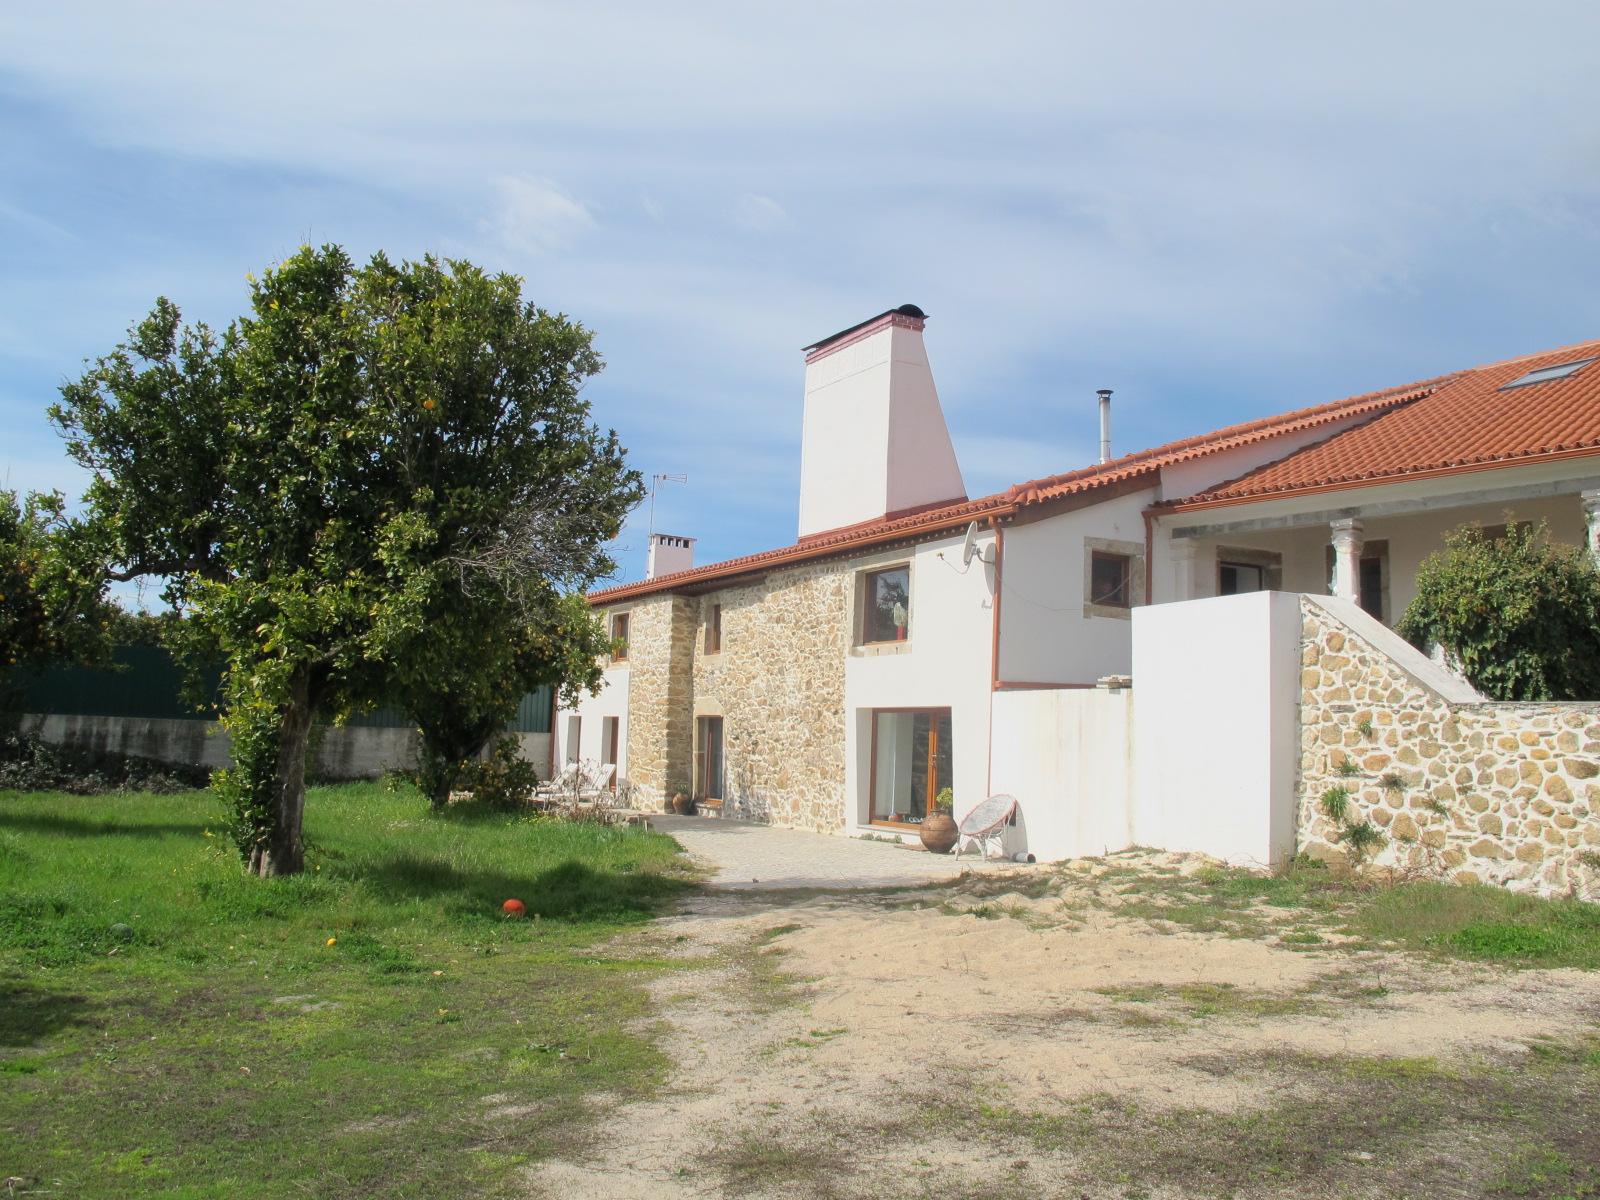 Vente maison de campagne pedr g o grande leiria for Acheter une maison au portugal particulier